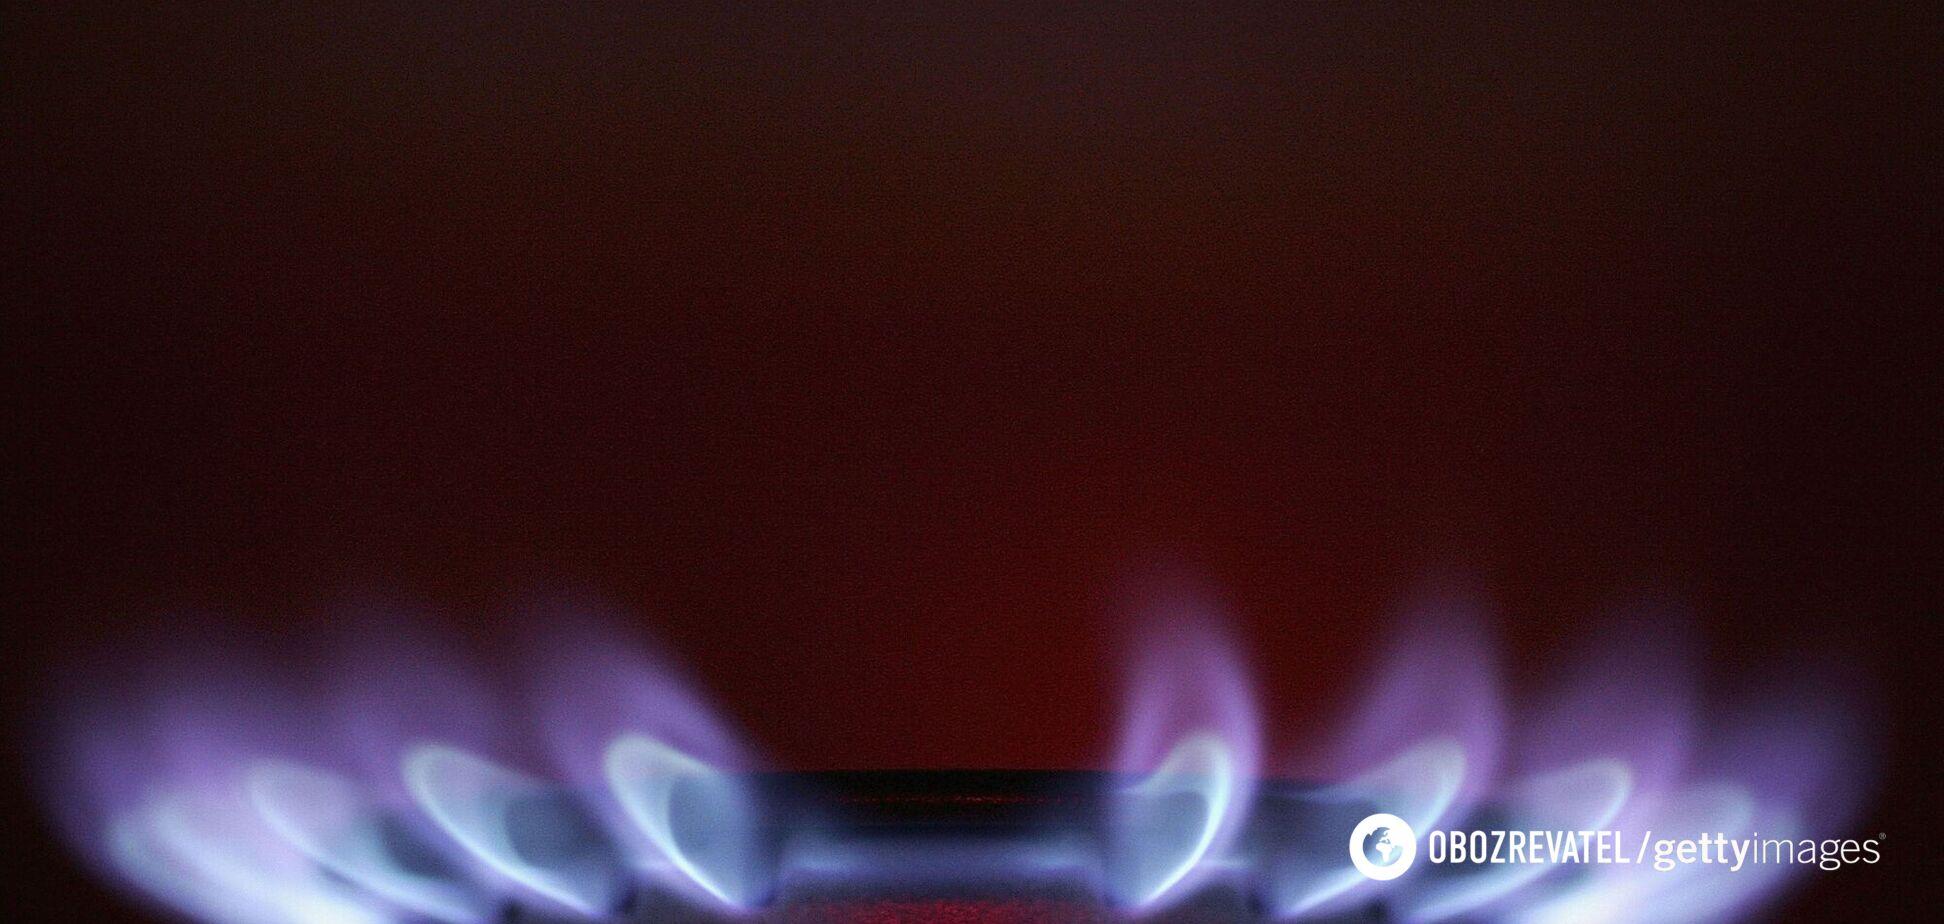 Ціни на газ у лютому зростуть: експерти попередили українців про ймовірне підвищення